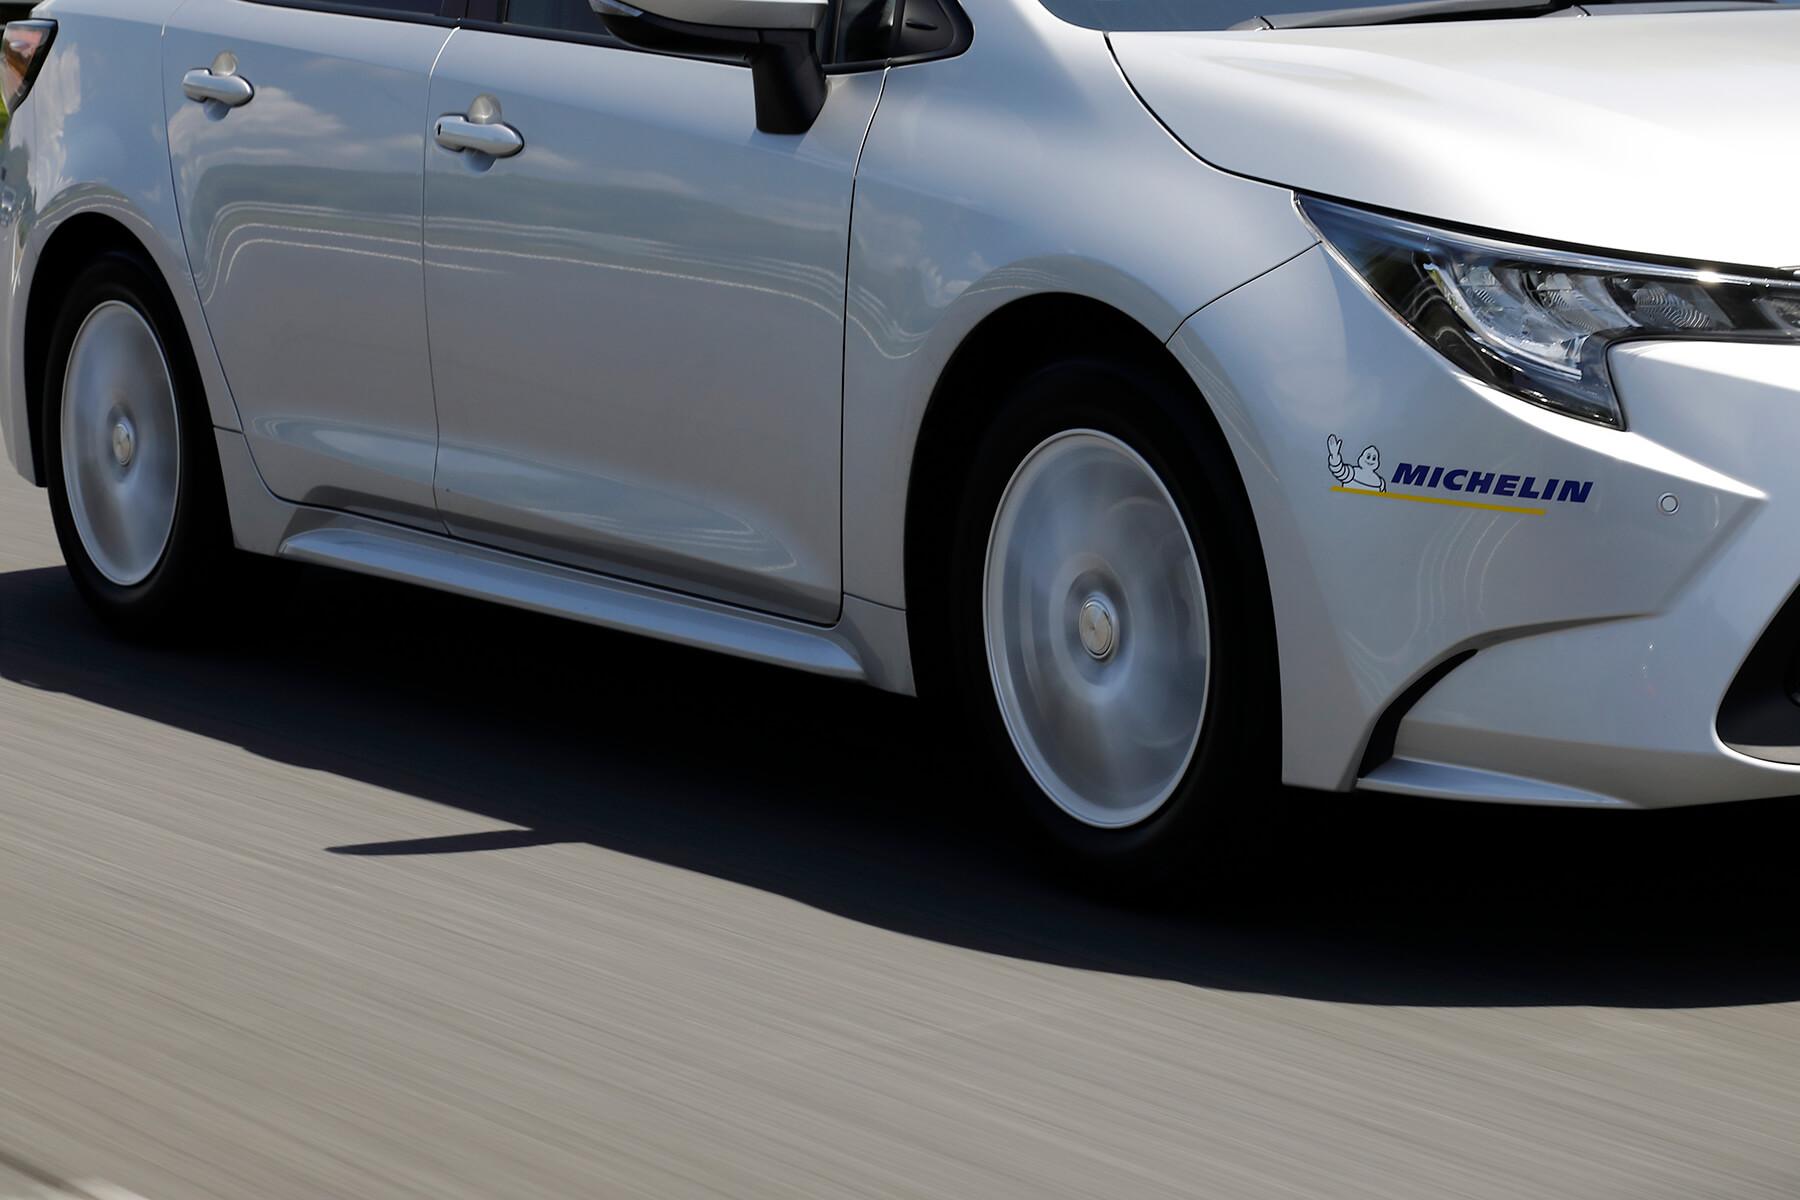 ドライ路面で約5%、ウエット路面で約6%ブレーキ性能が進化。万が一の際の安心感がさらに向上した